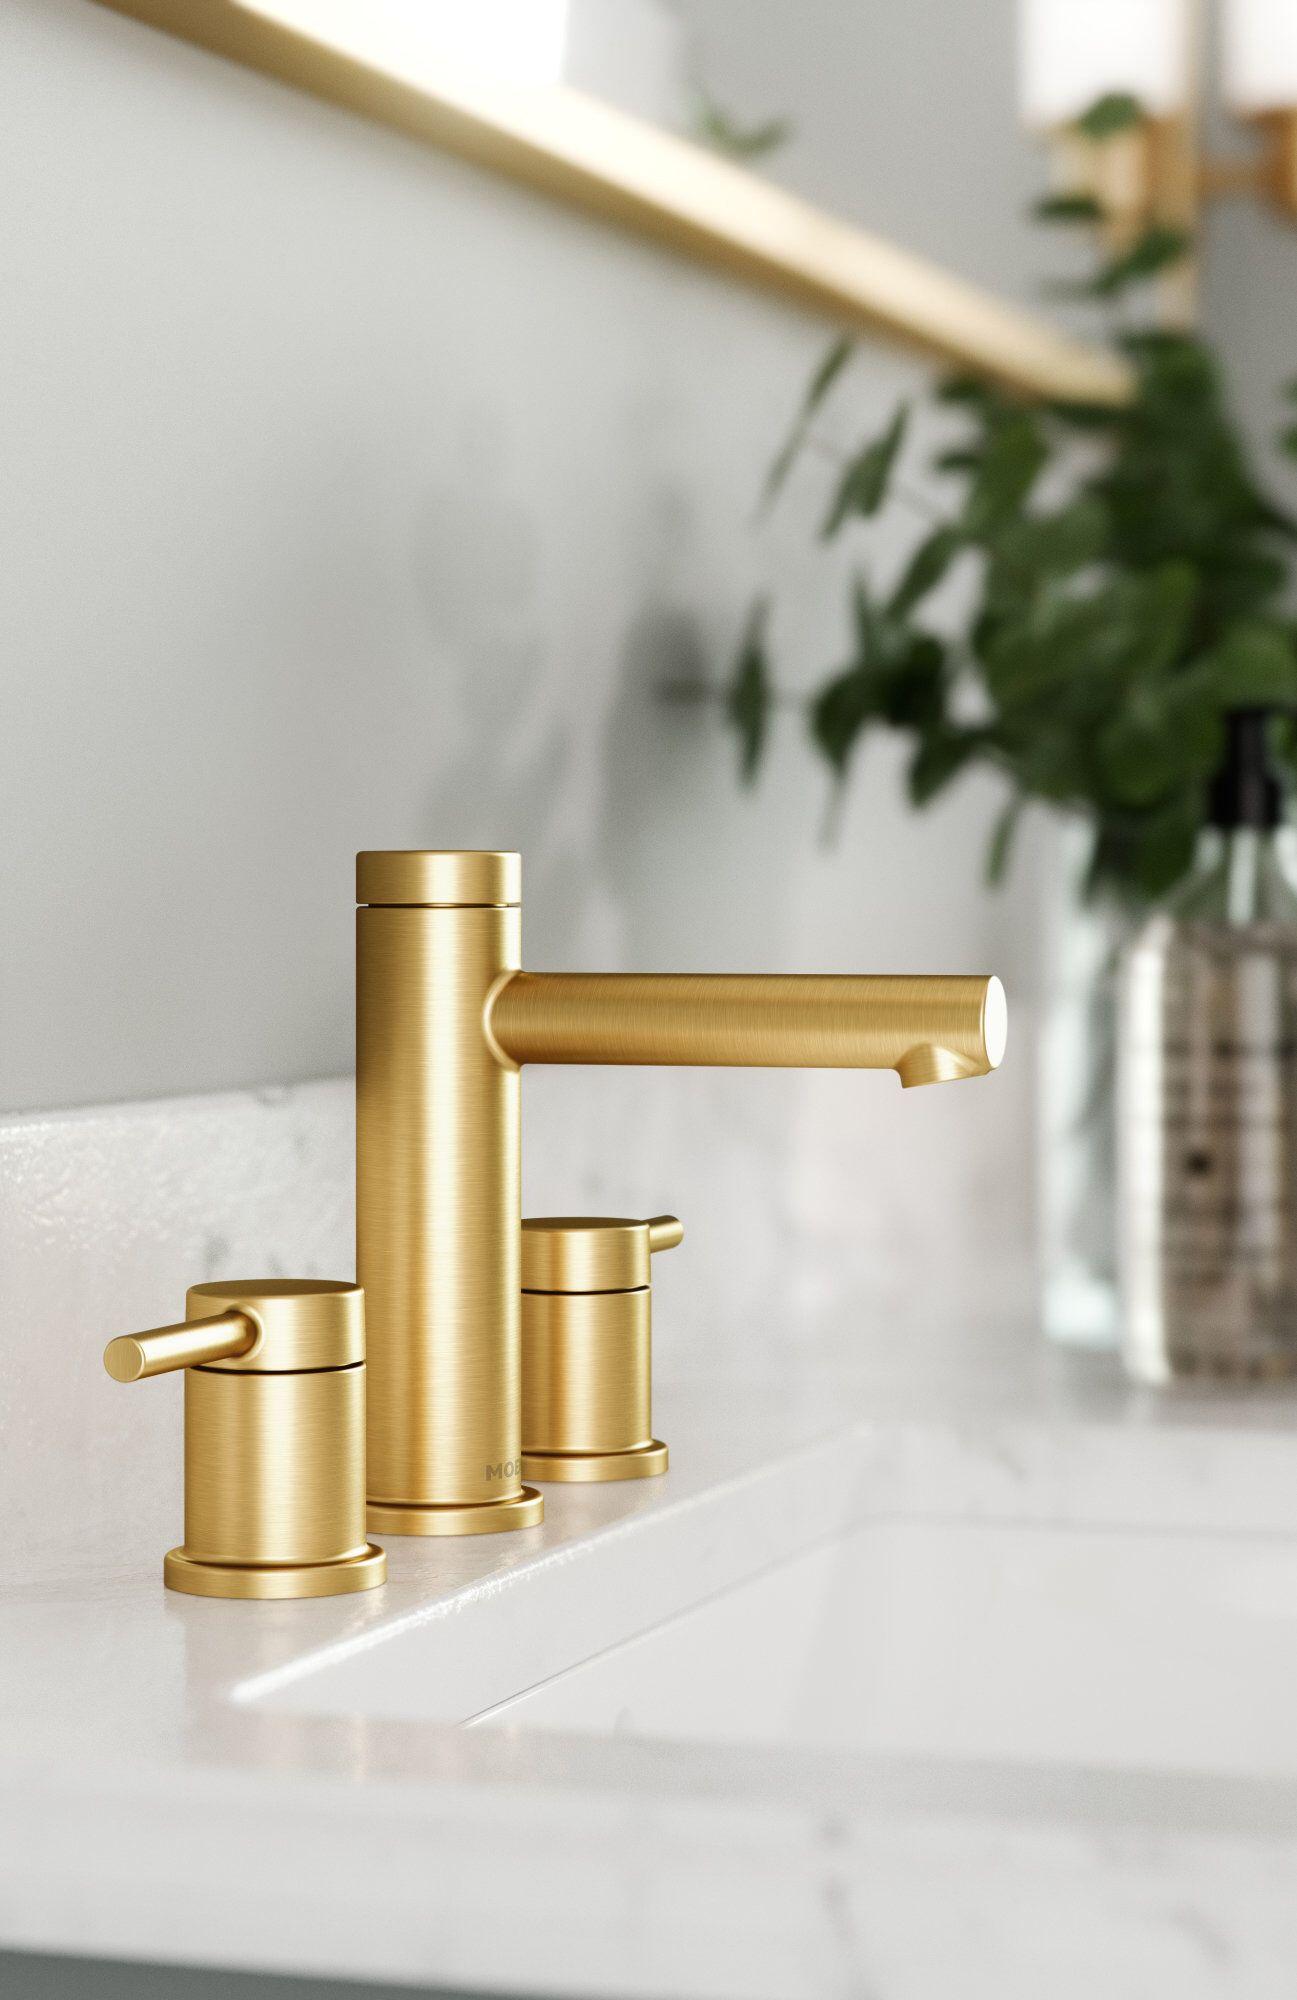 Align Widespread Bathroom Faucet Widespread Bathroom Faucet Bathroom Faucets Bathroom Sink Faucets [ 2000 x 1297 Pixel ]